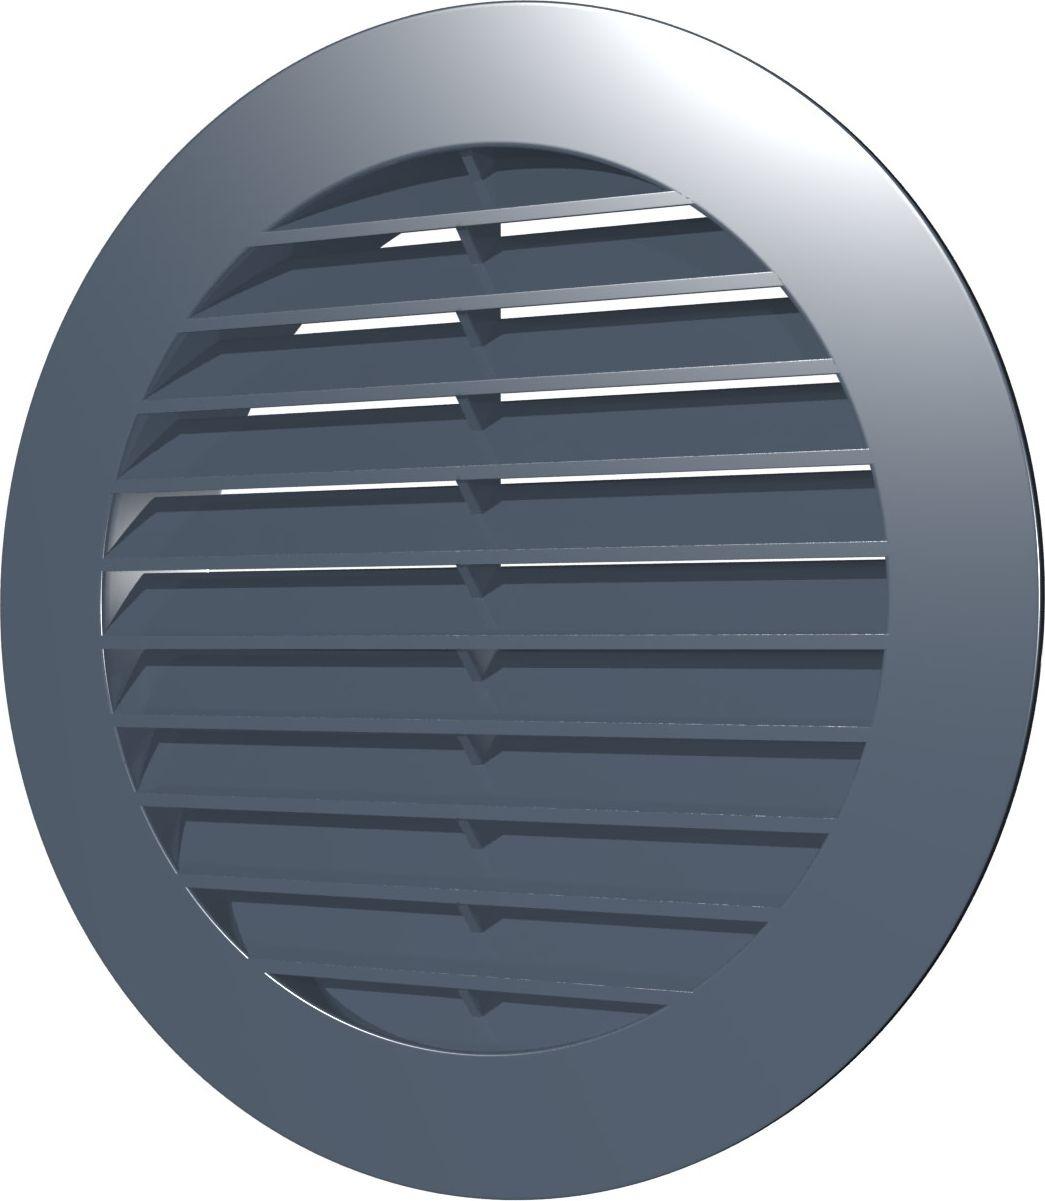 Вентиляционная решетка Street Line, 10РКН, серый, наружная, круглая, с фланцем